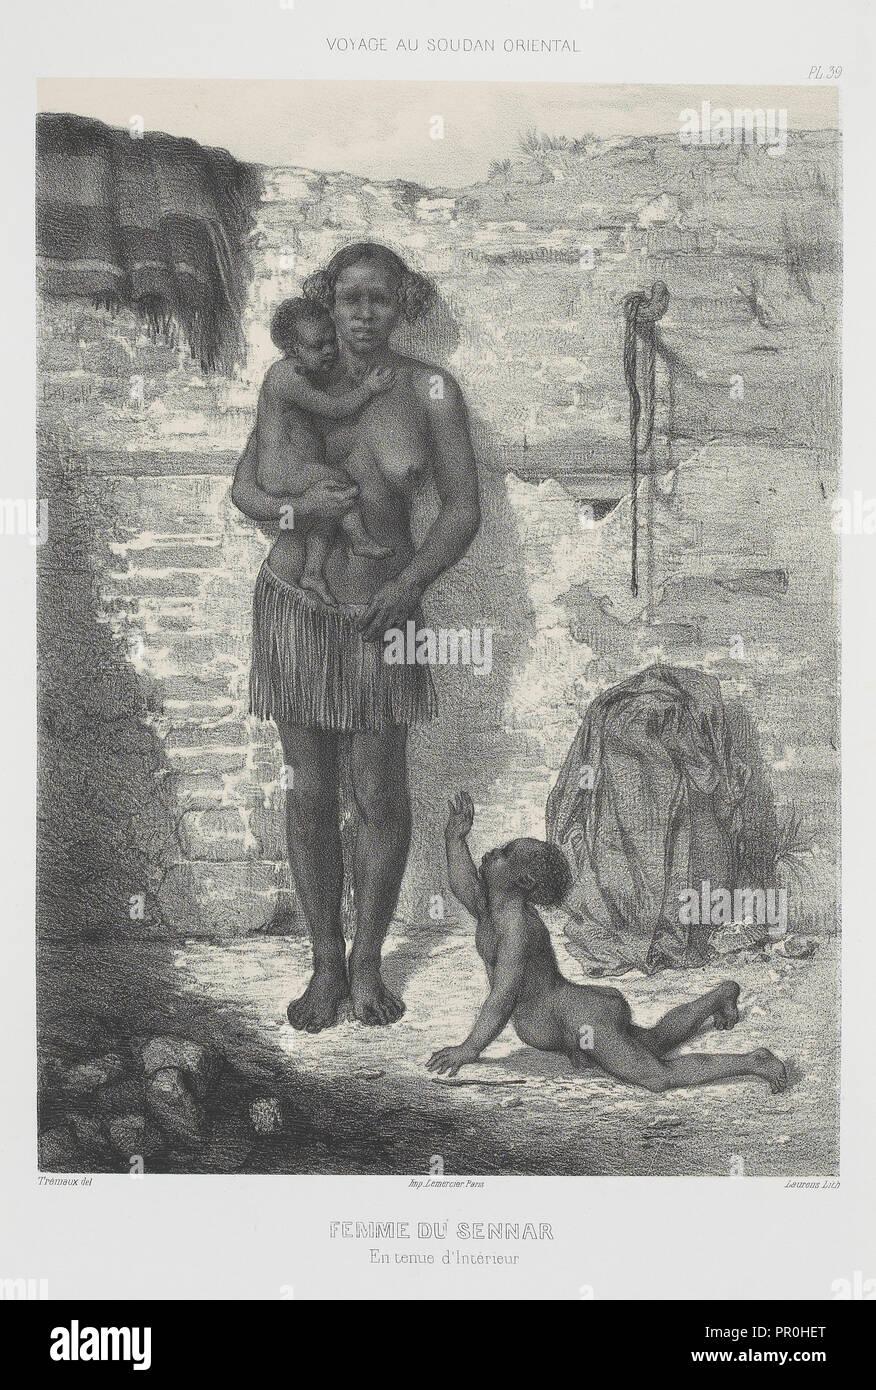 Femme du Sennar, Voyages au Soudan oriental et dans l'Afrique septentrionale, exécutés de 1847 à 1854, Trémaux, P., Pierre - Stock Image